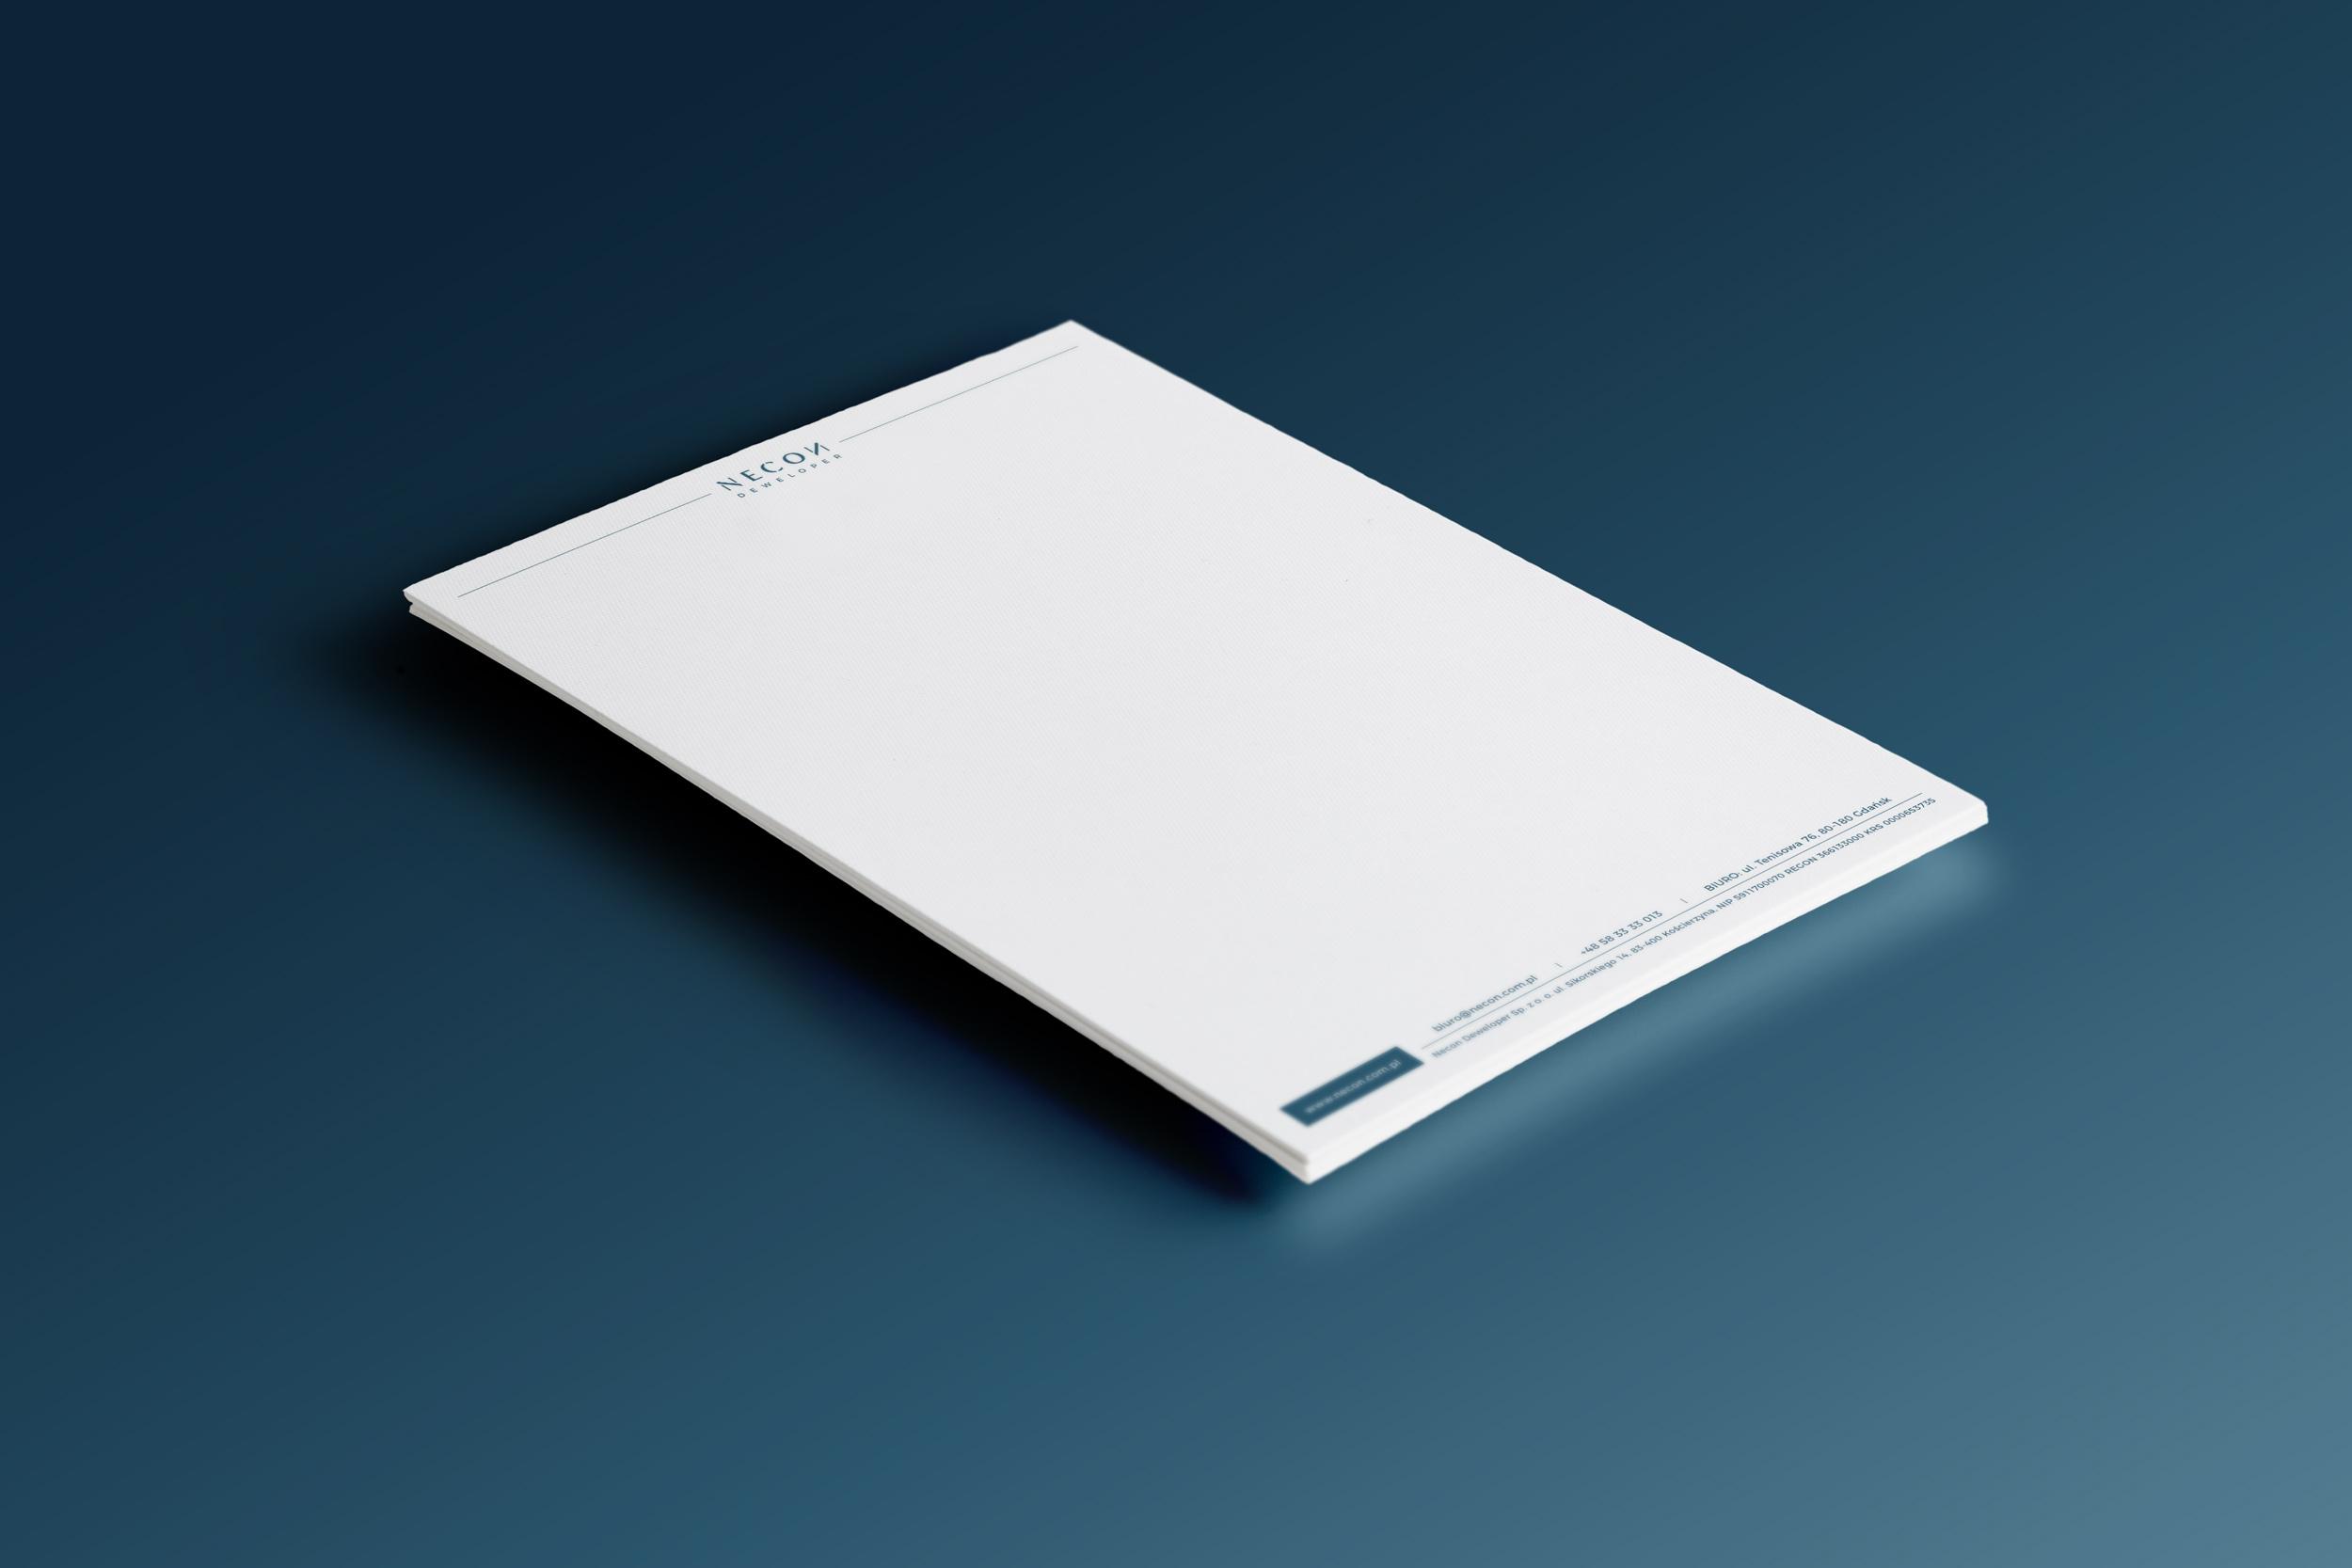 projektowanie design deweloper gdansk identyfikacja wizulalna